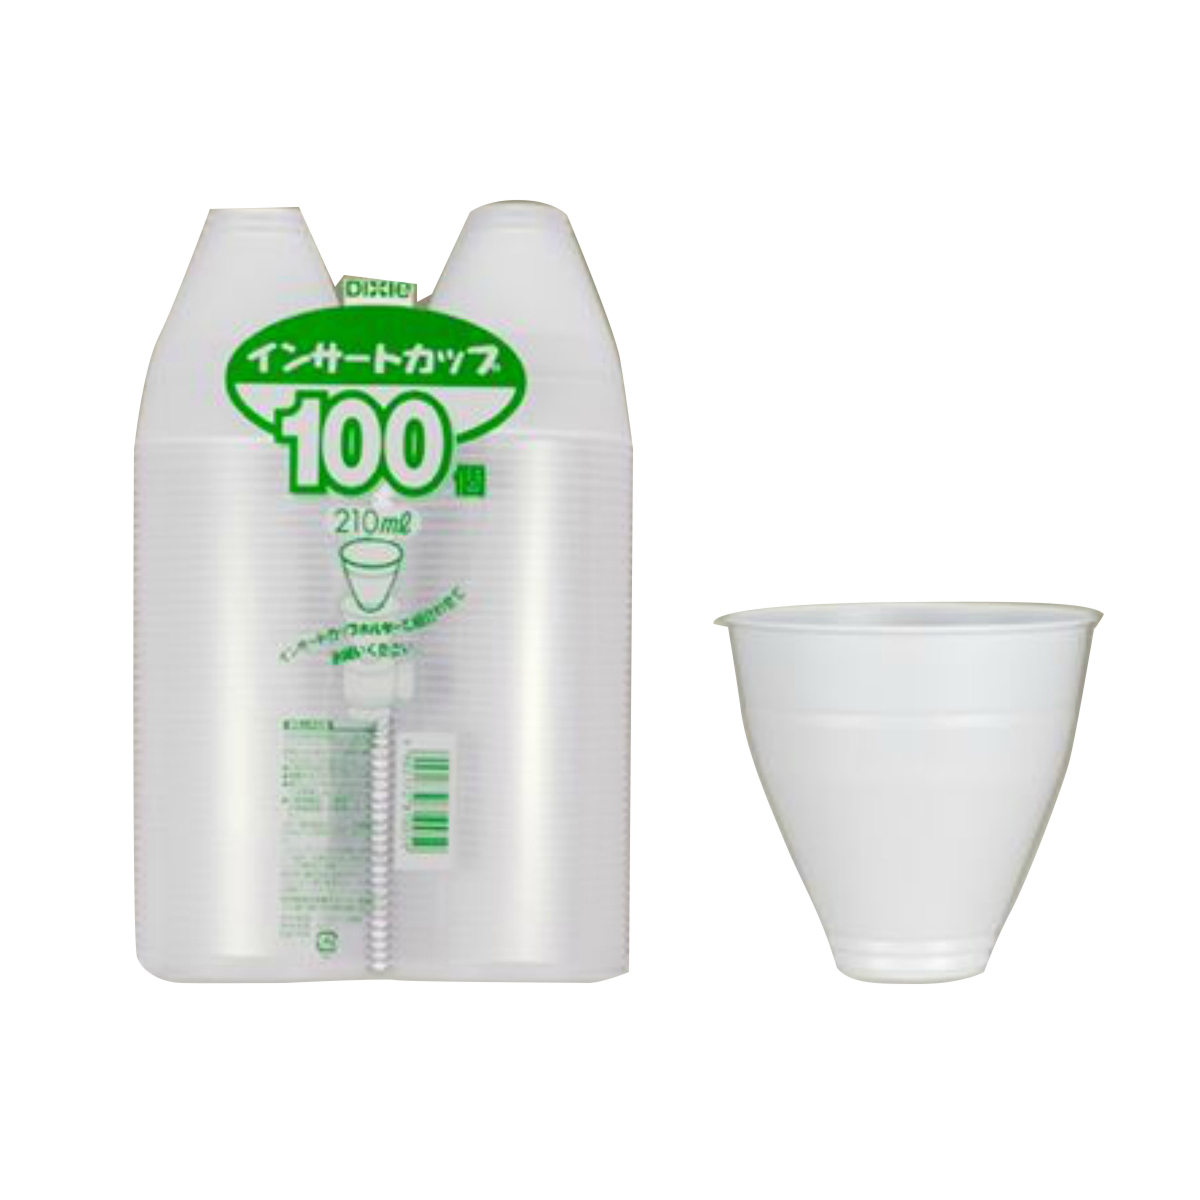 飲料用容器として製造されたプラスチックカップ 飲料用容器として製造された簡易コップです インサートコーヒーカップ F型 日本デキシー インサートカップ 100個入り ☆送料無料☆ 当日発送可能 コーヒーカップ 5☆大好評 4902172810059 使い捨てコップ